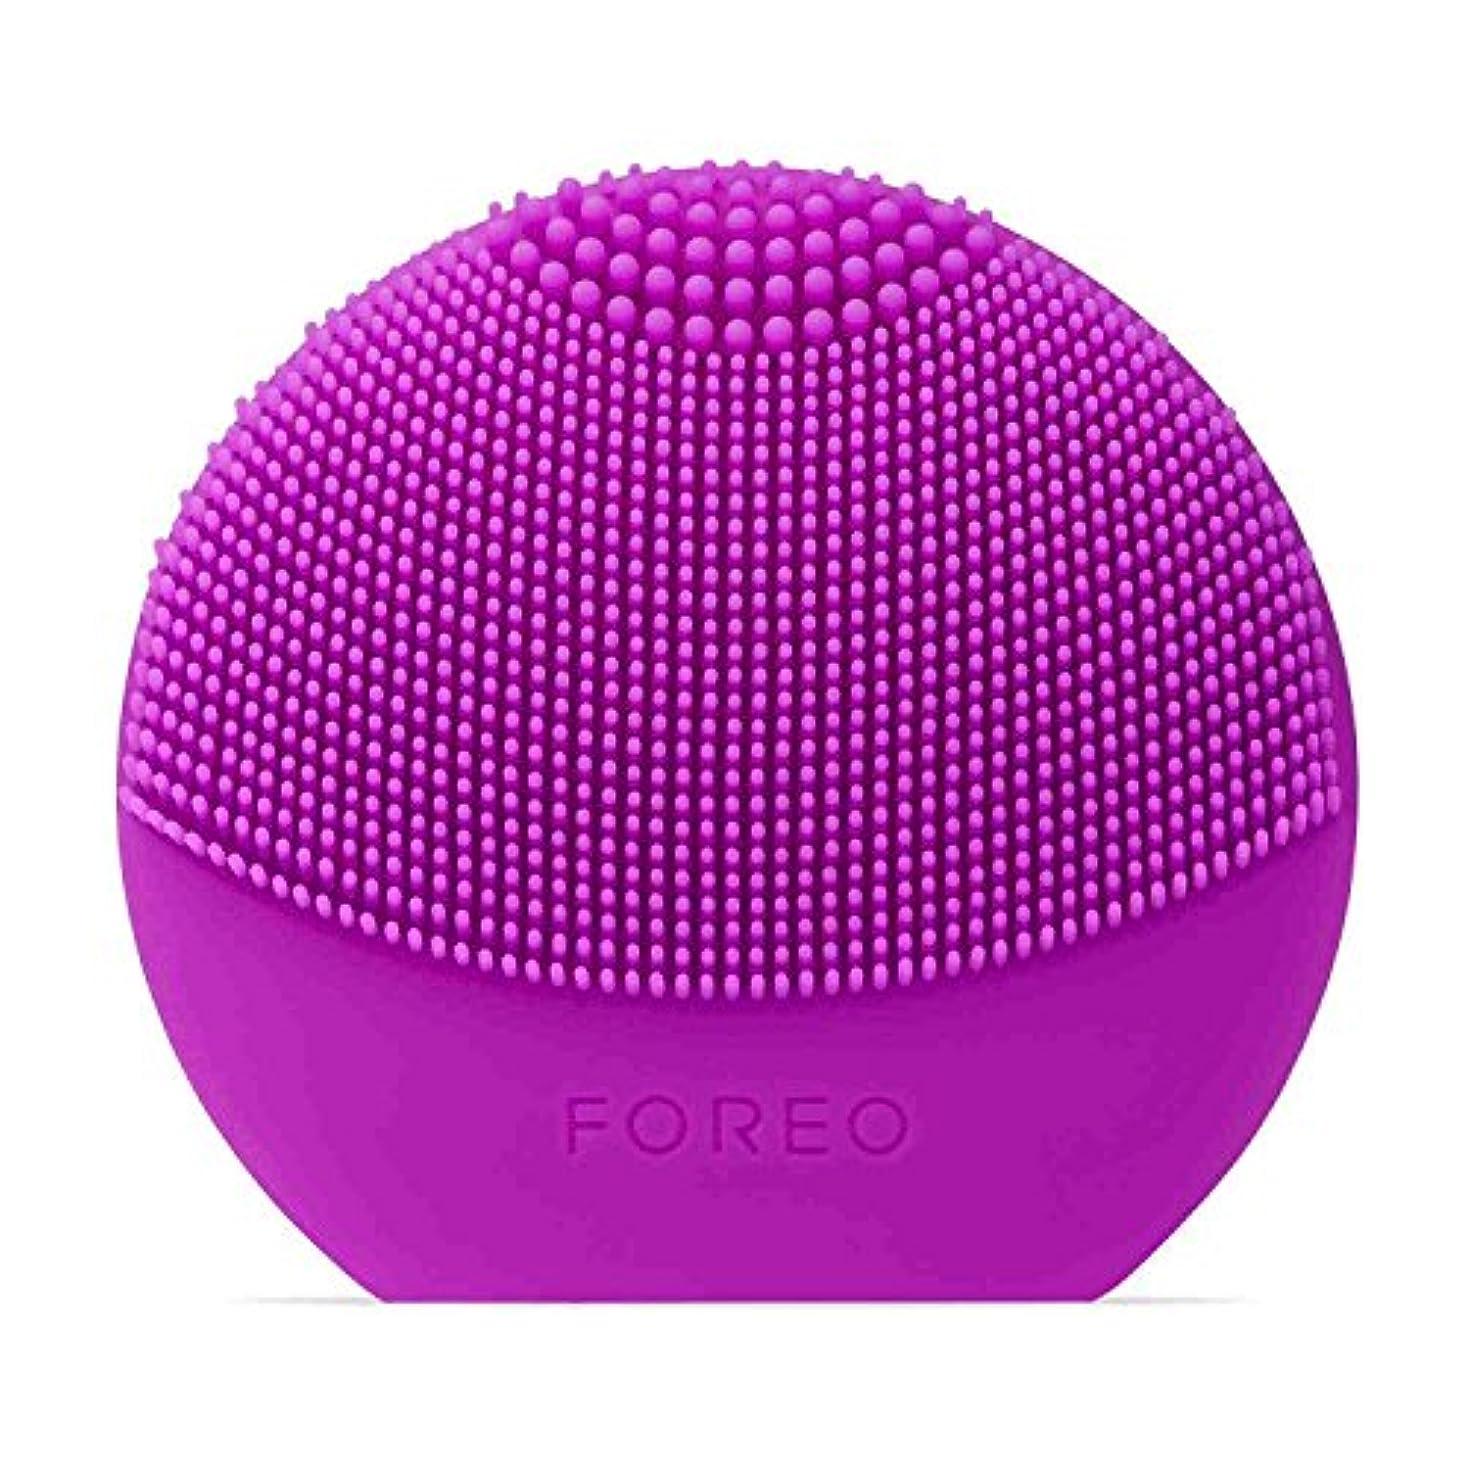 哺乳類必要窒素FOREO LUNA Play Plus パープル シリコーン製 音波振動 電動洗顔ブラシ 電池式